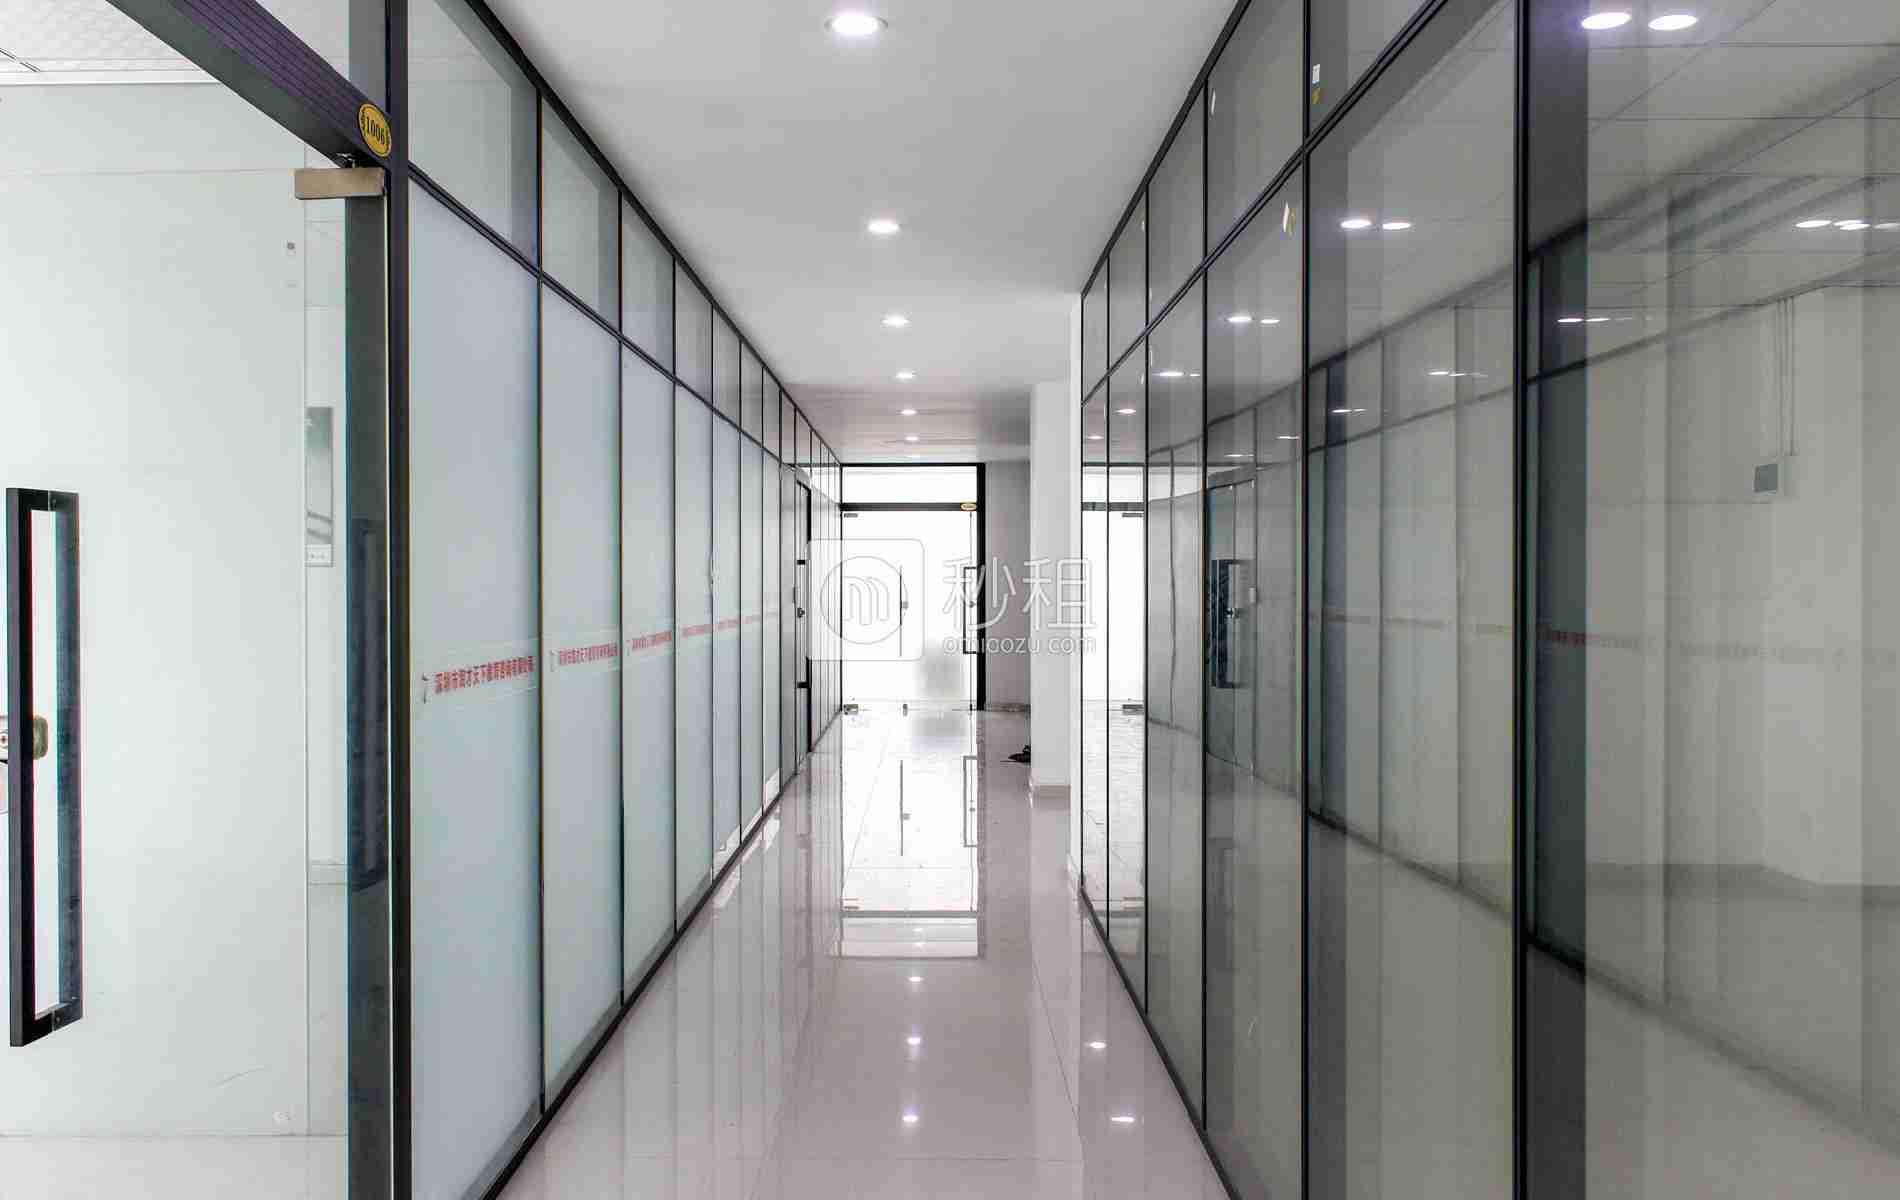 泰松大厦写字楼出租/招租/租赁,泰松大厦办公室出租/招租/租赁